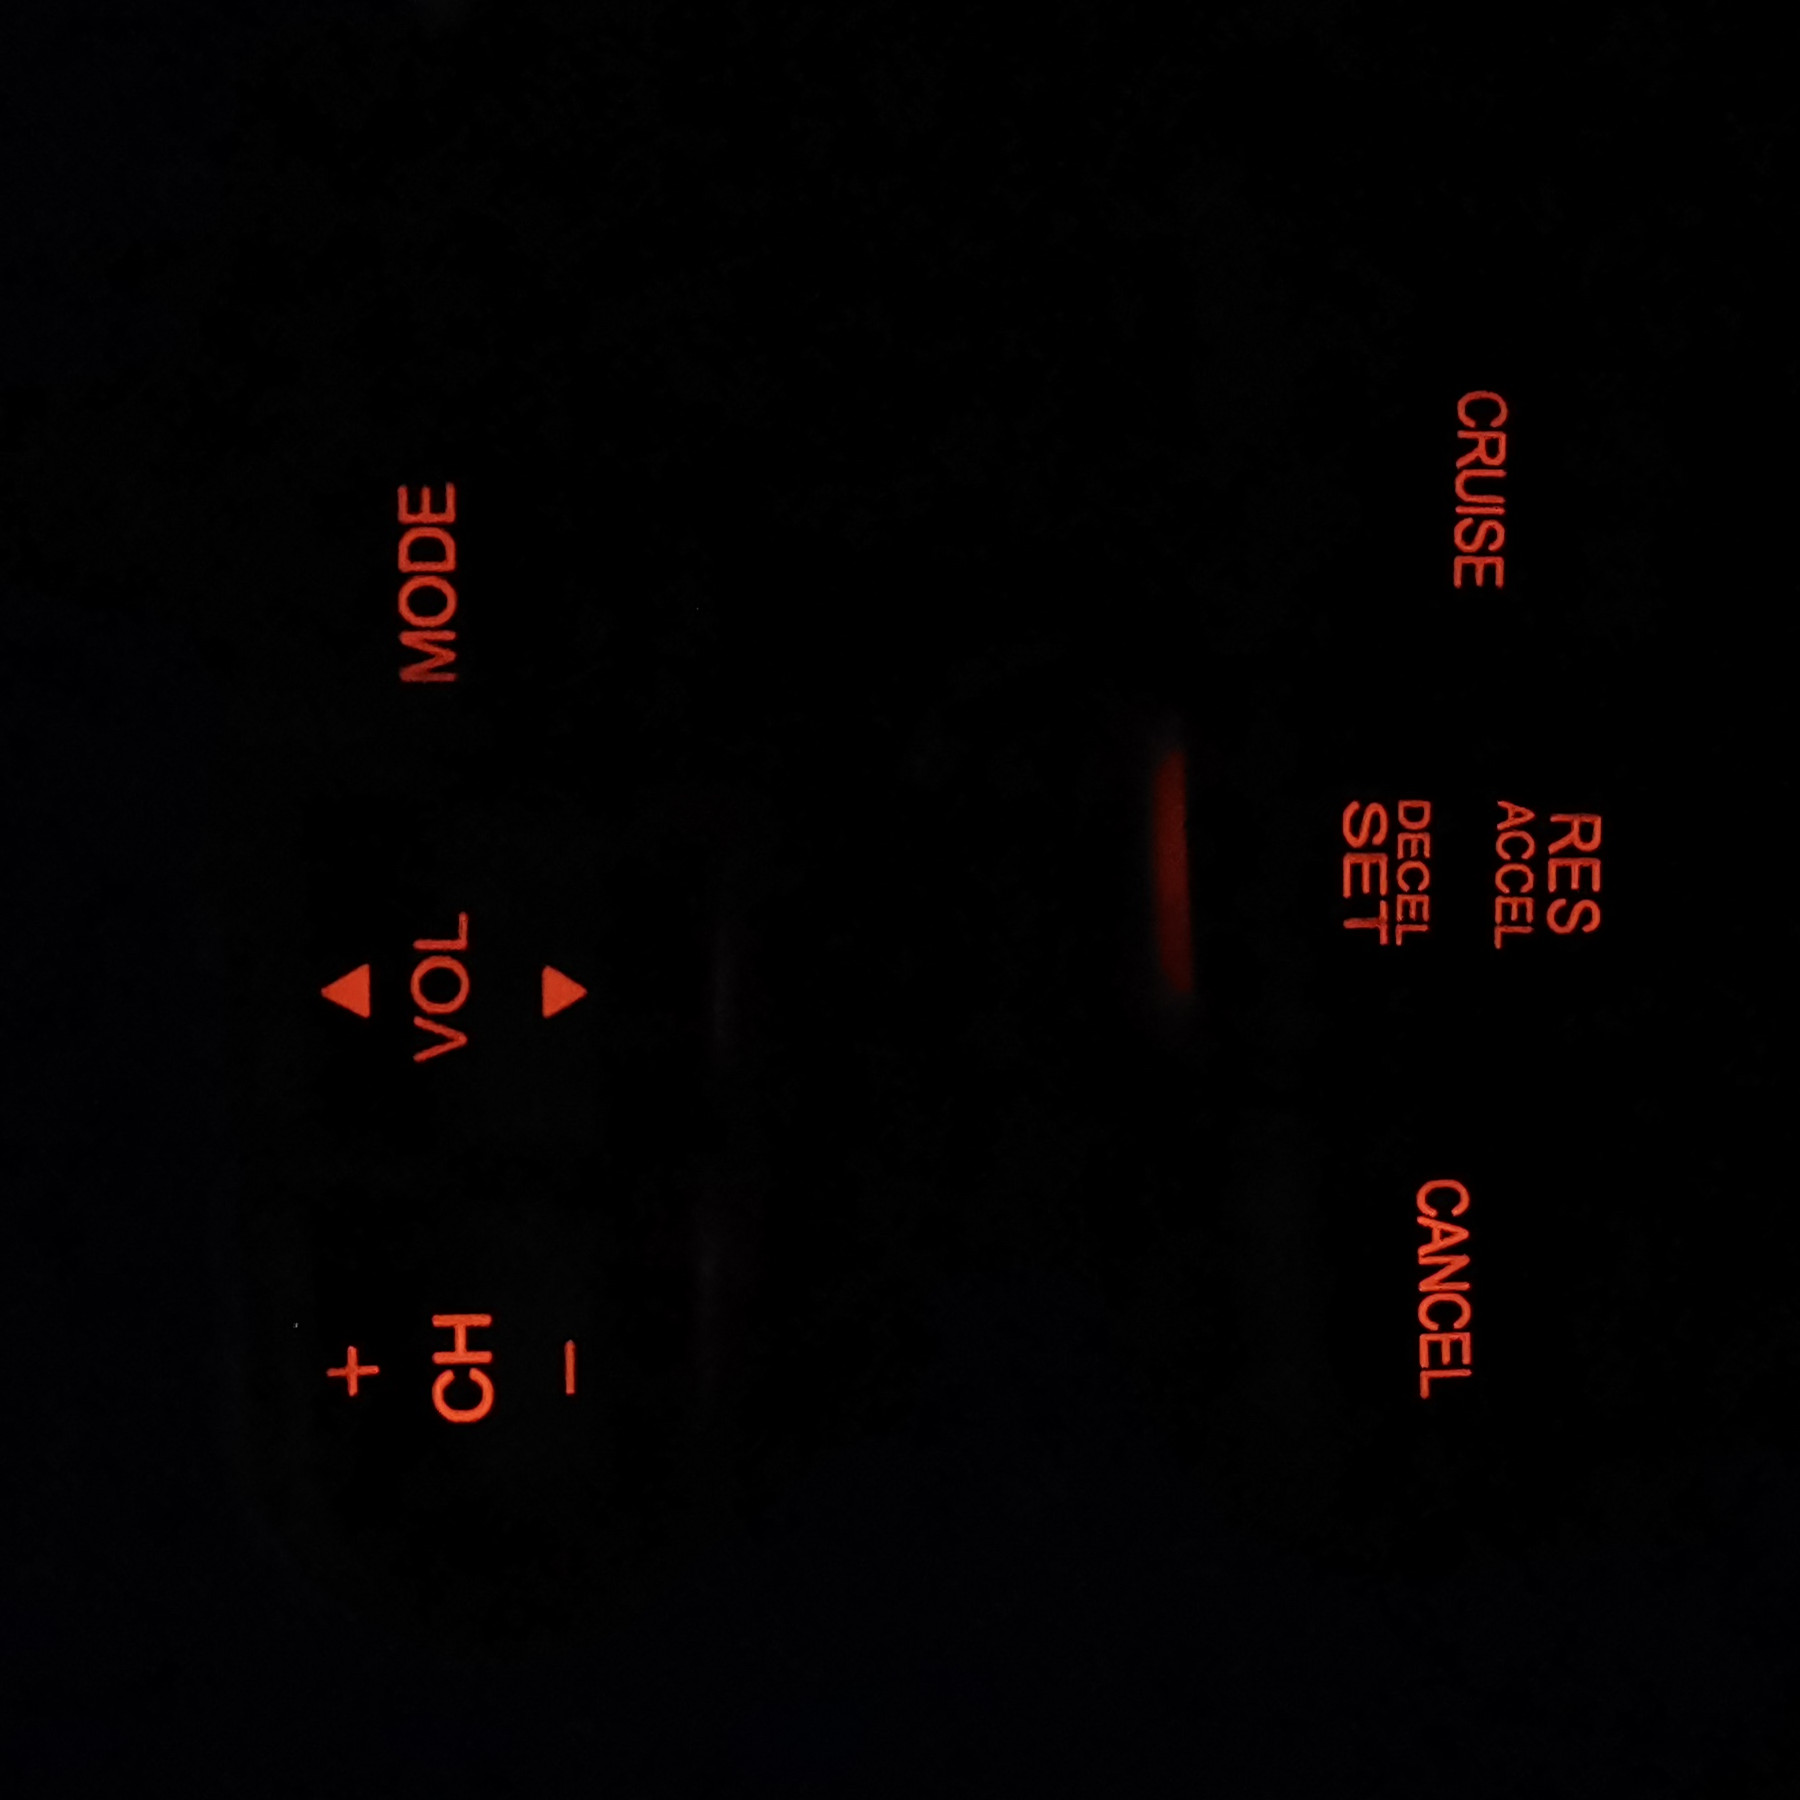 Malcayang Sükan Sükan Səs idarəetmə açarı / Honda Civic 06-11 - Avtomobil ehtiyat hissələri - Fotoqrafiya 5